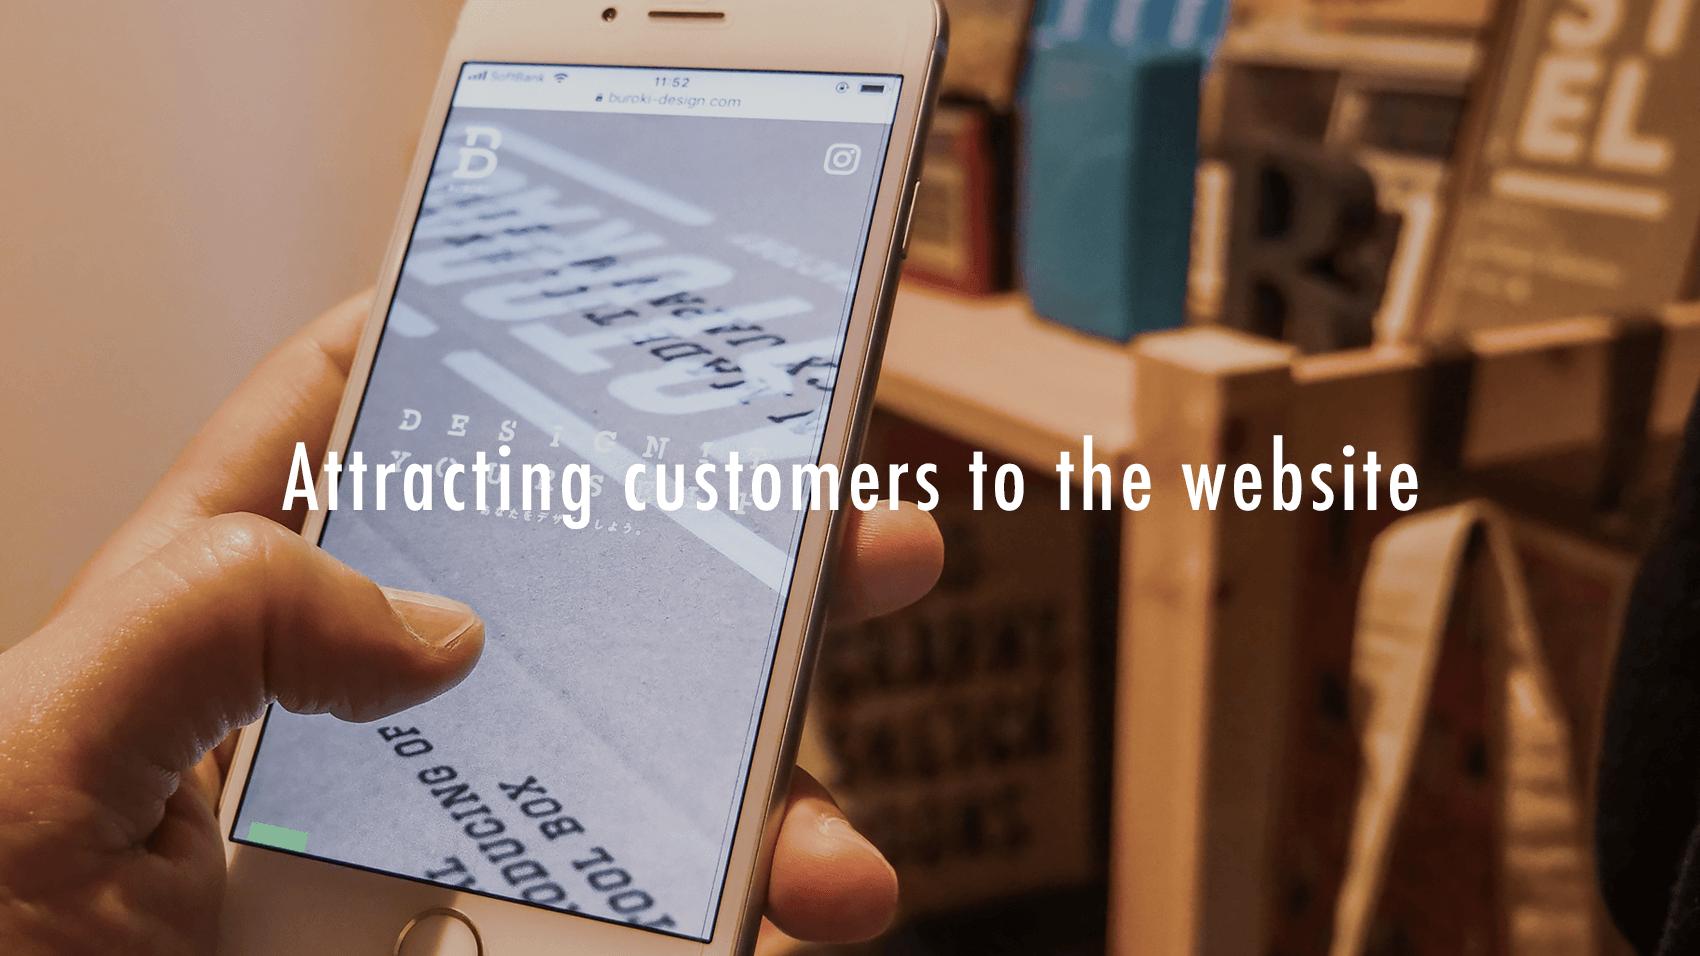 webサイト公開後の集客方法。どうすればもっとアクセスを増やせるか?